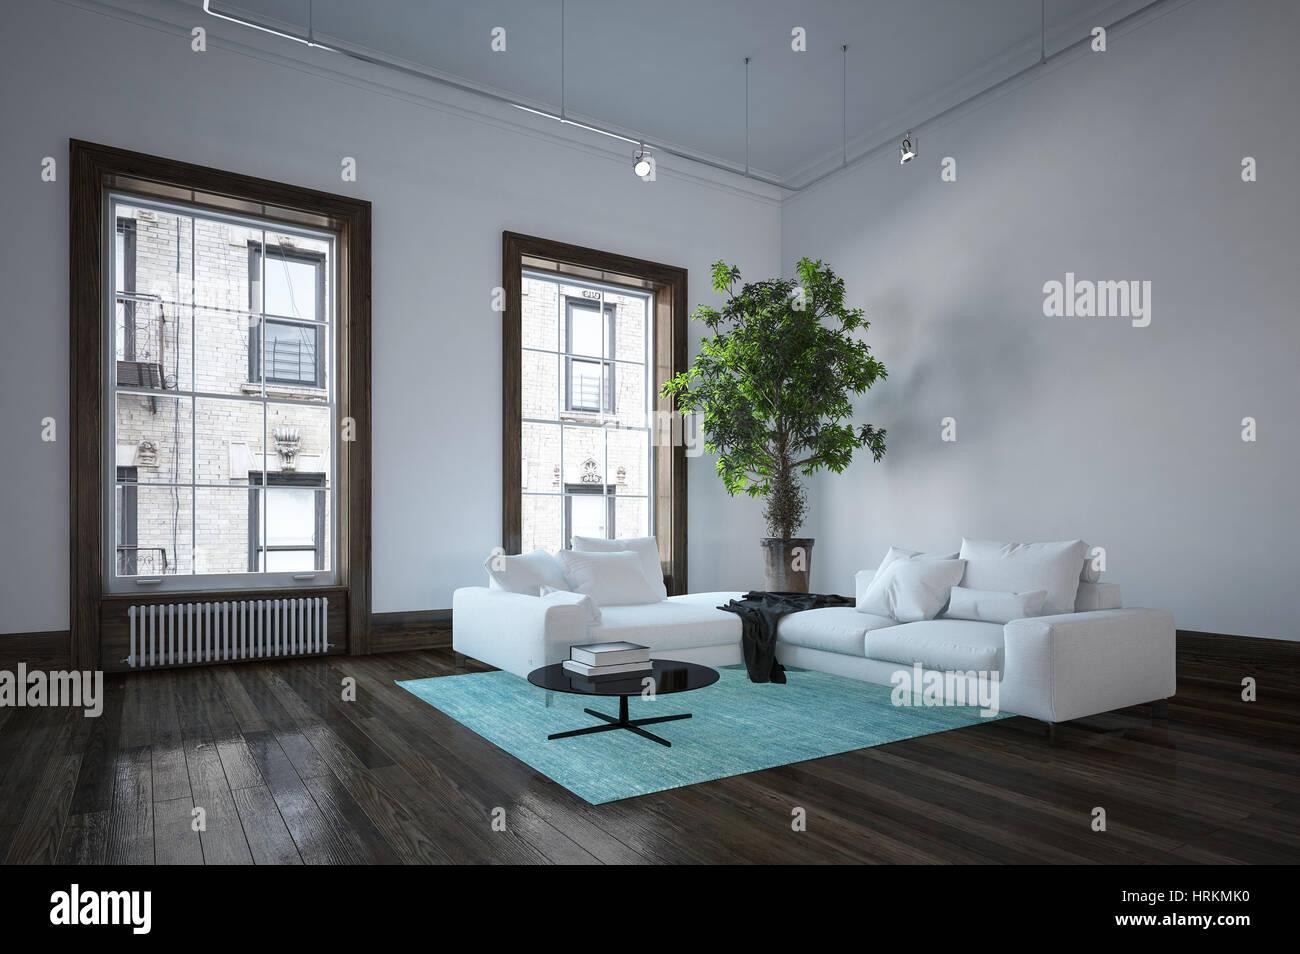 wohnung mit minimalistischem weisem interieur design new york, geräumiges wohnzimmer in stadtwohnung in der minimalistischen, Design ideen